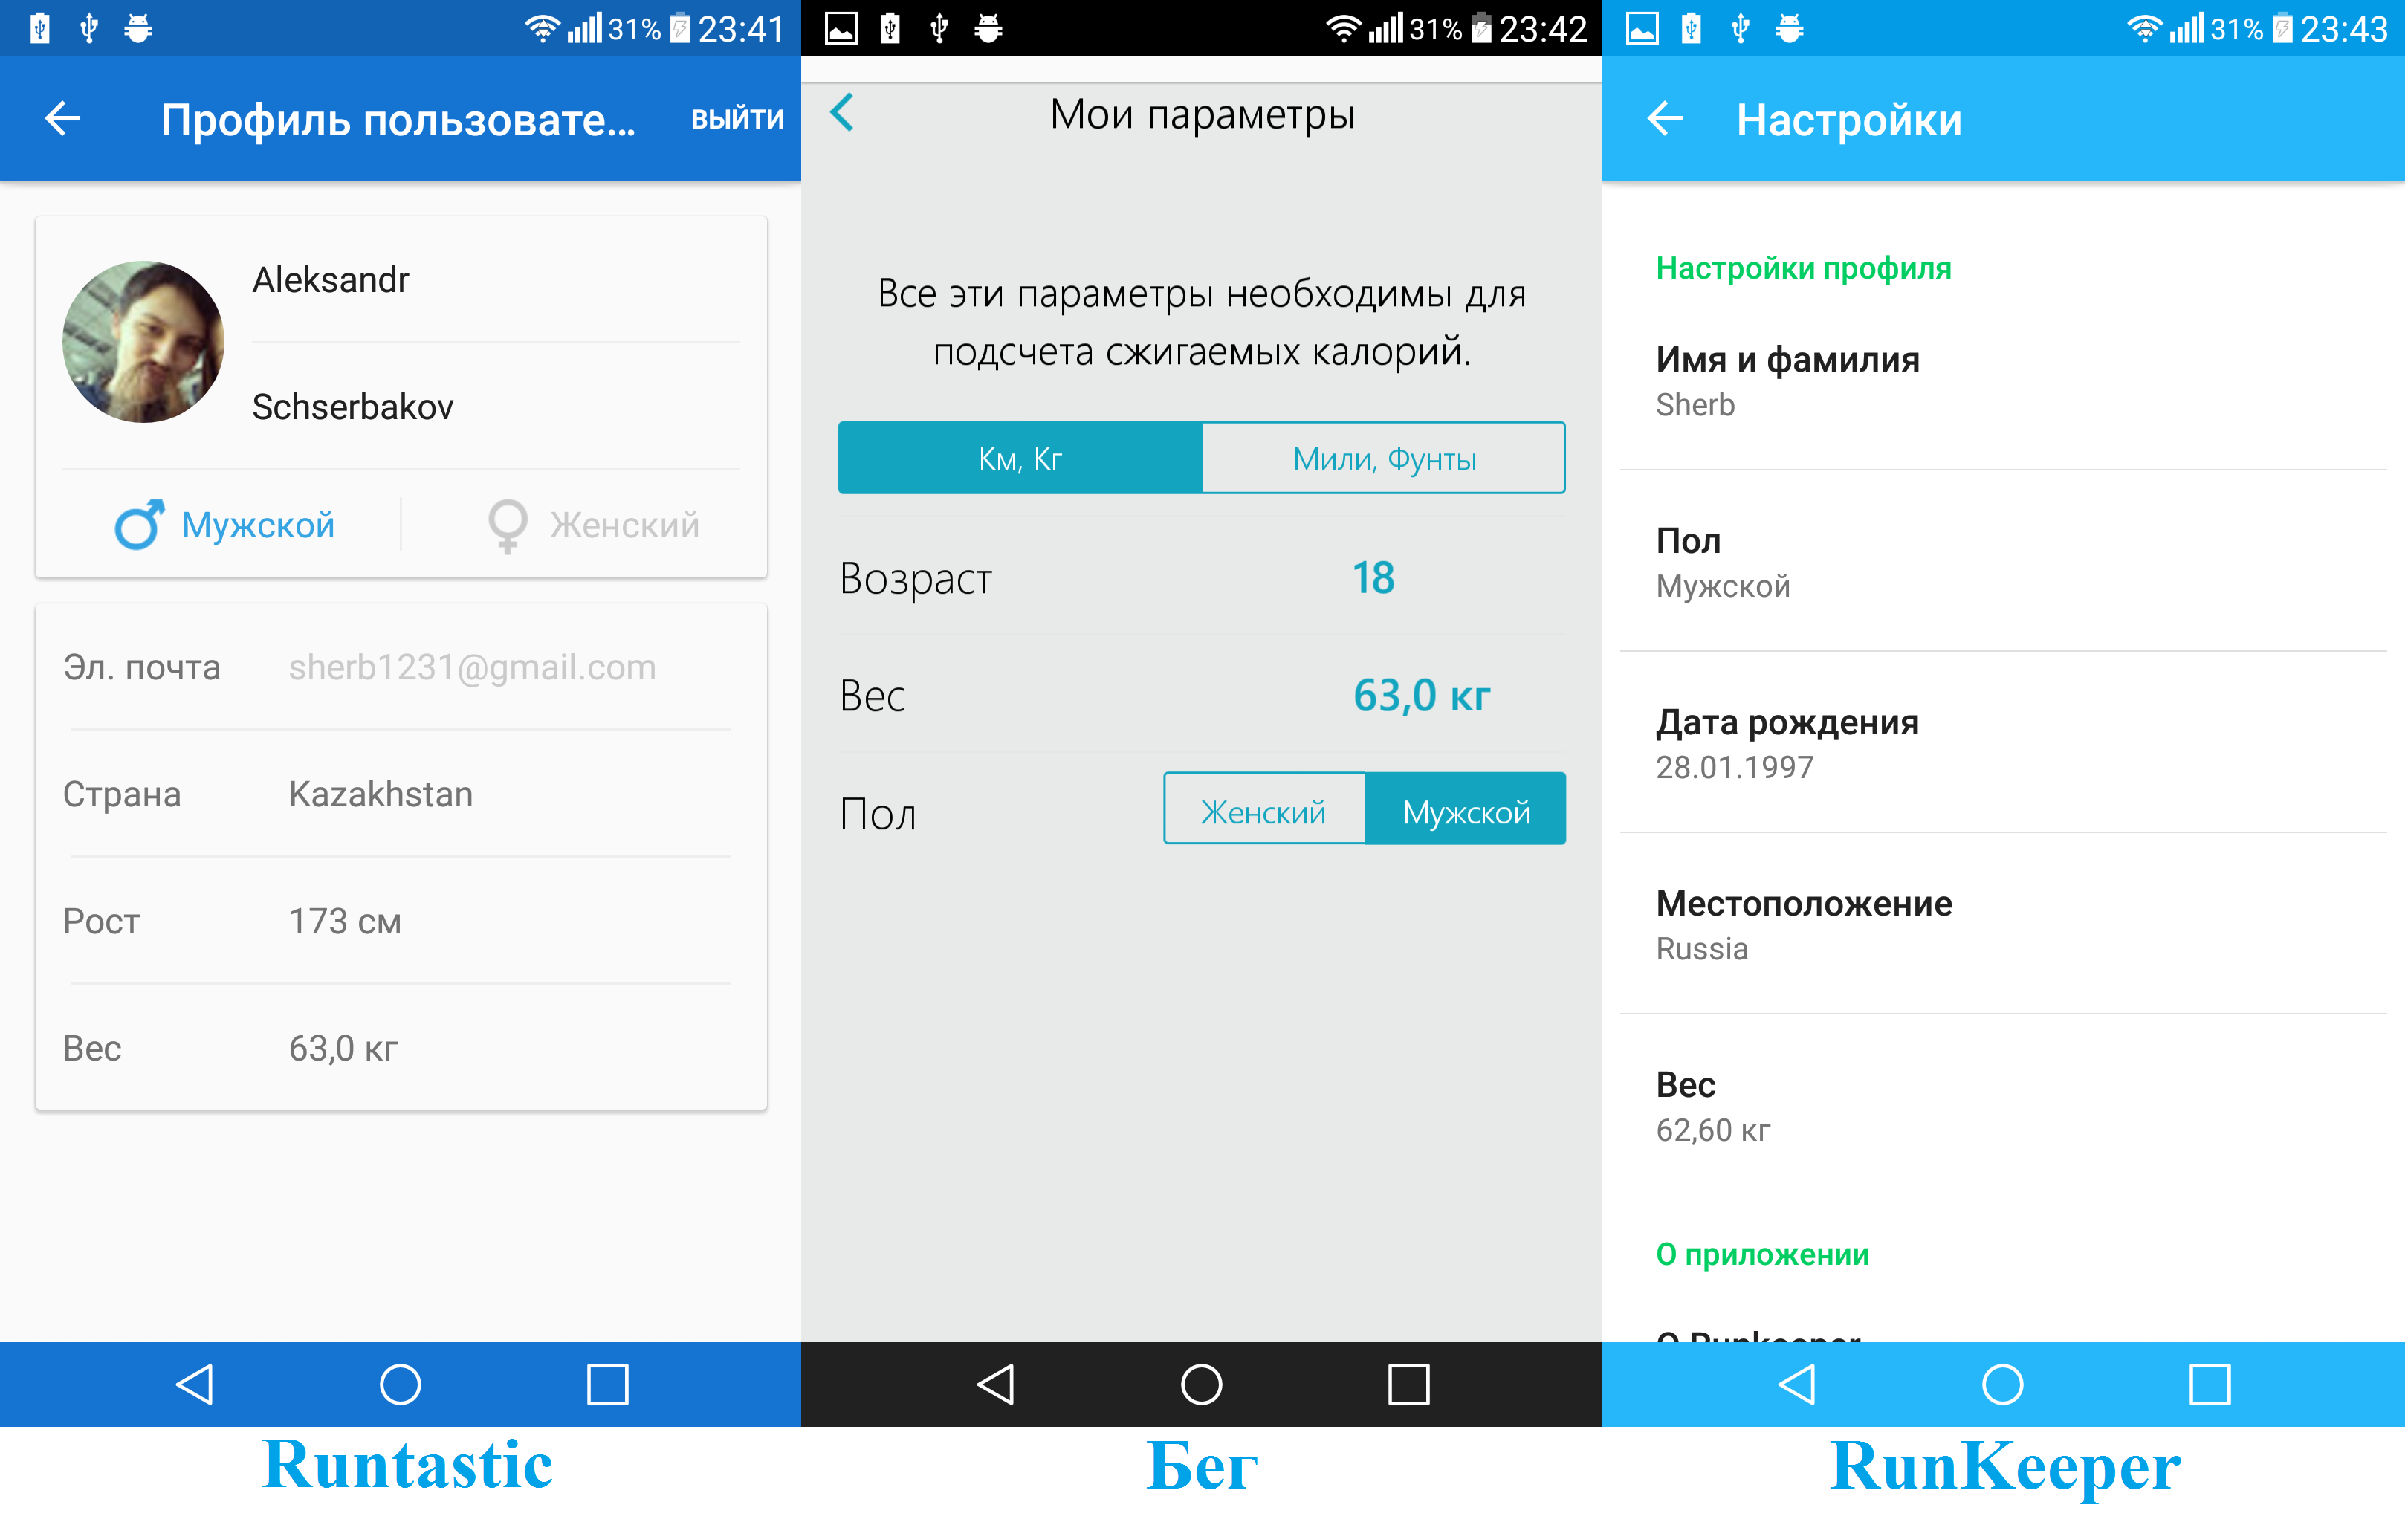 Скачать спортивные программы для андроид на русском